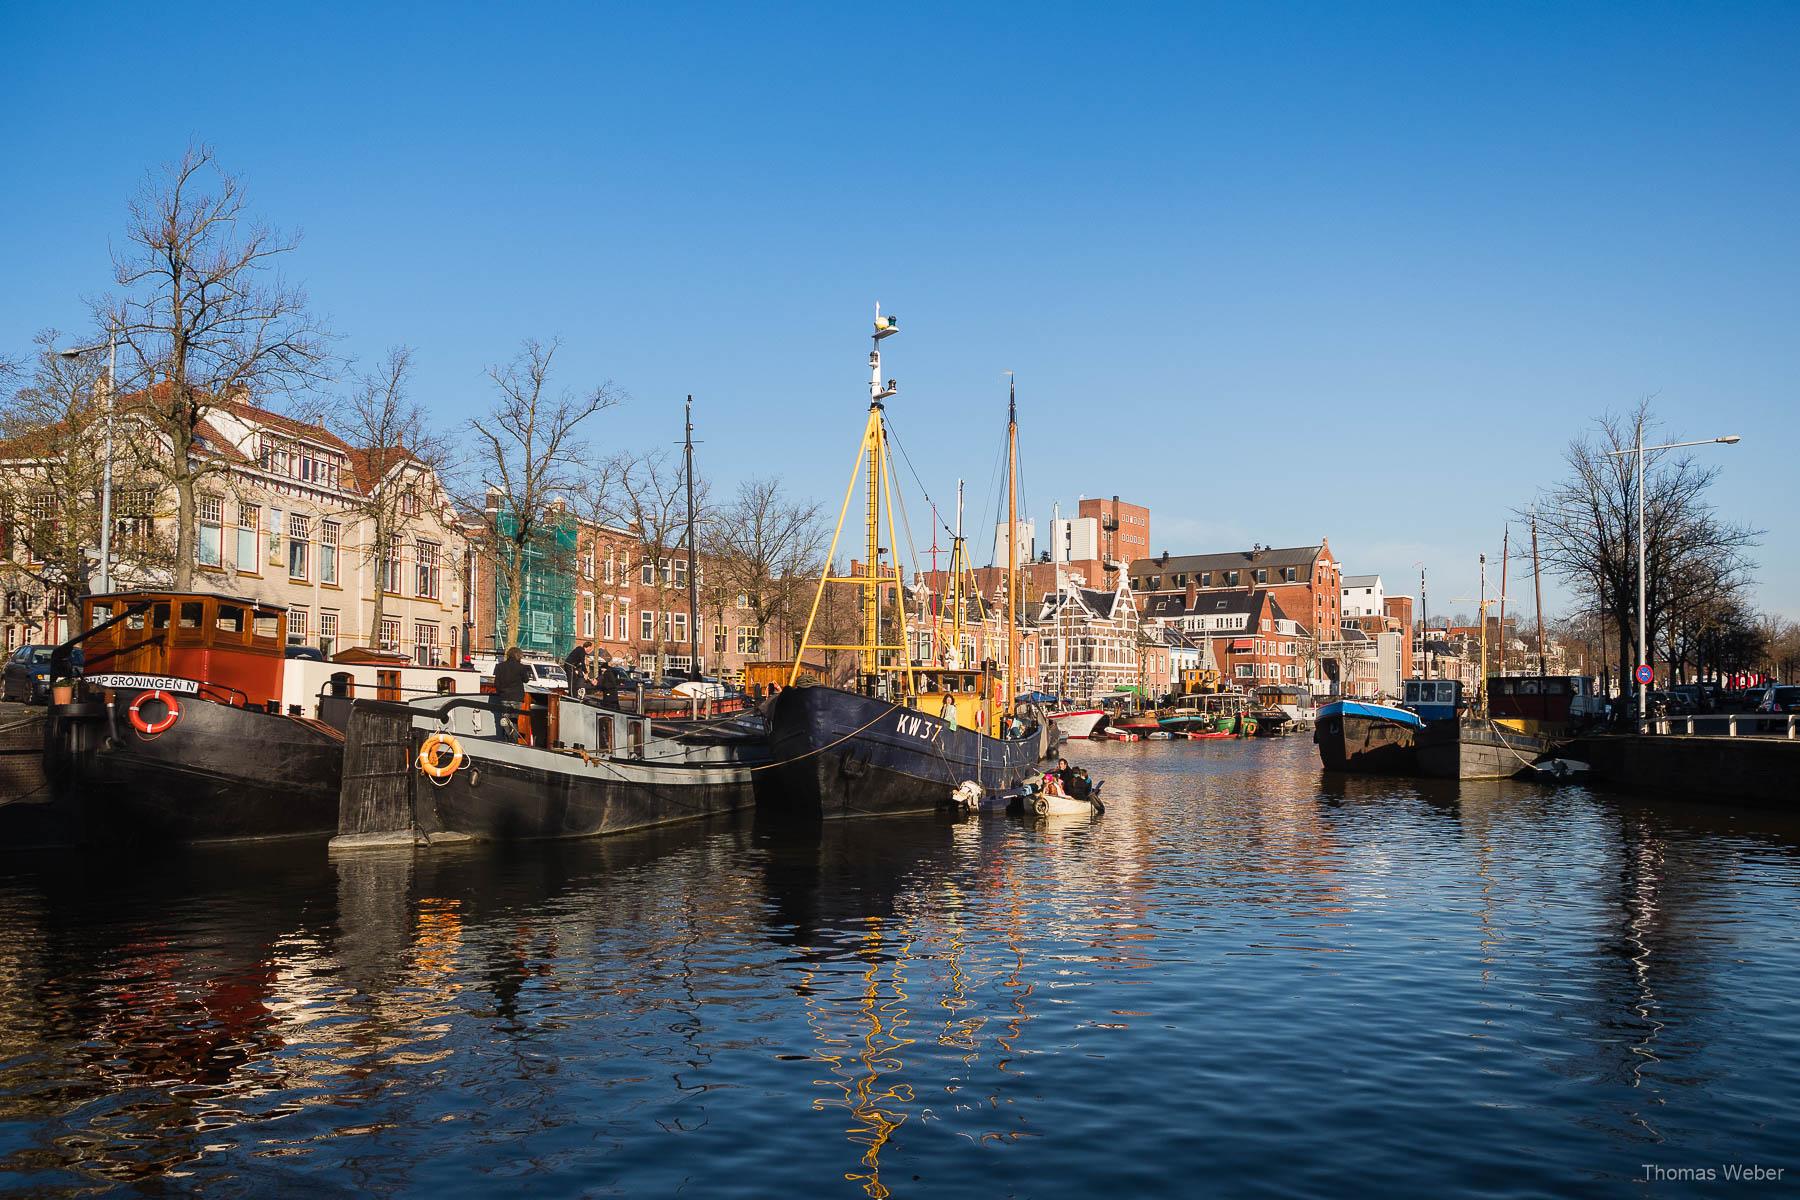 Der Zuiderhaven in Groningen bei einer Fahrradtour durch Groningen, Fotograf Oldenburg, Thomas Weber